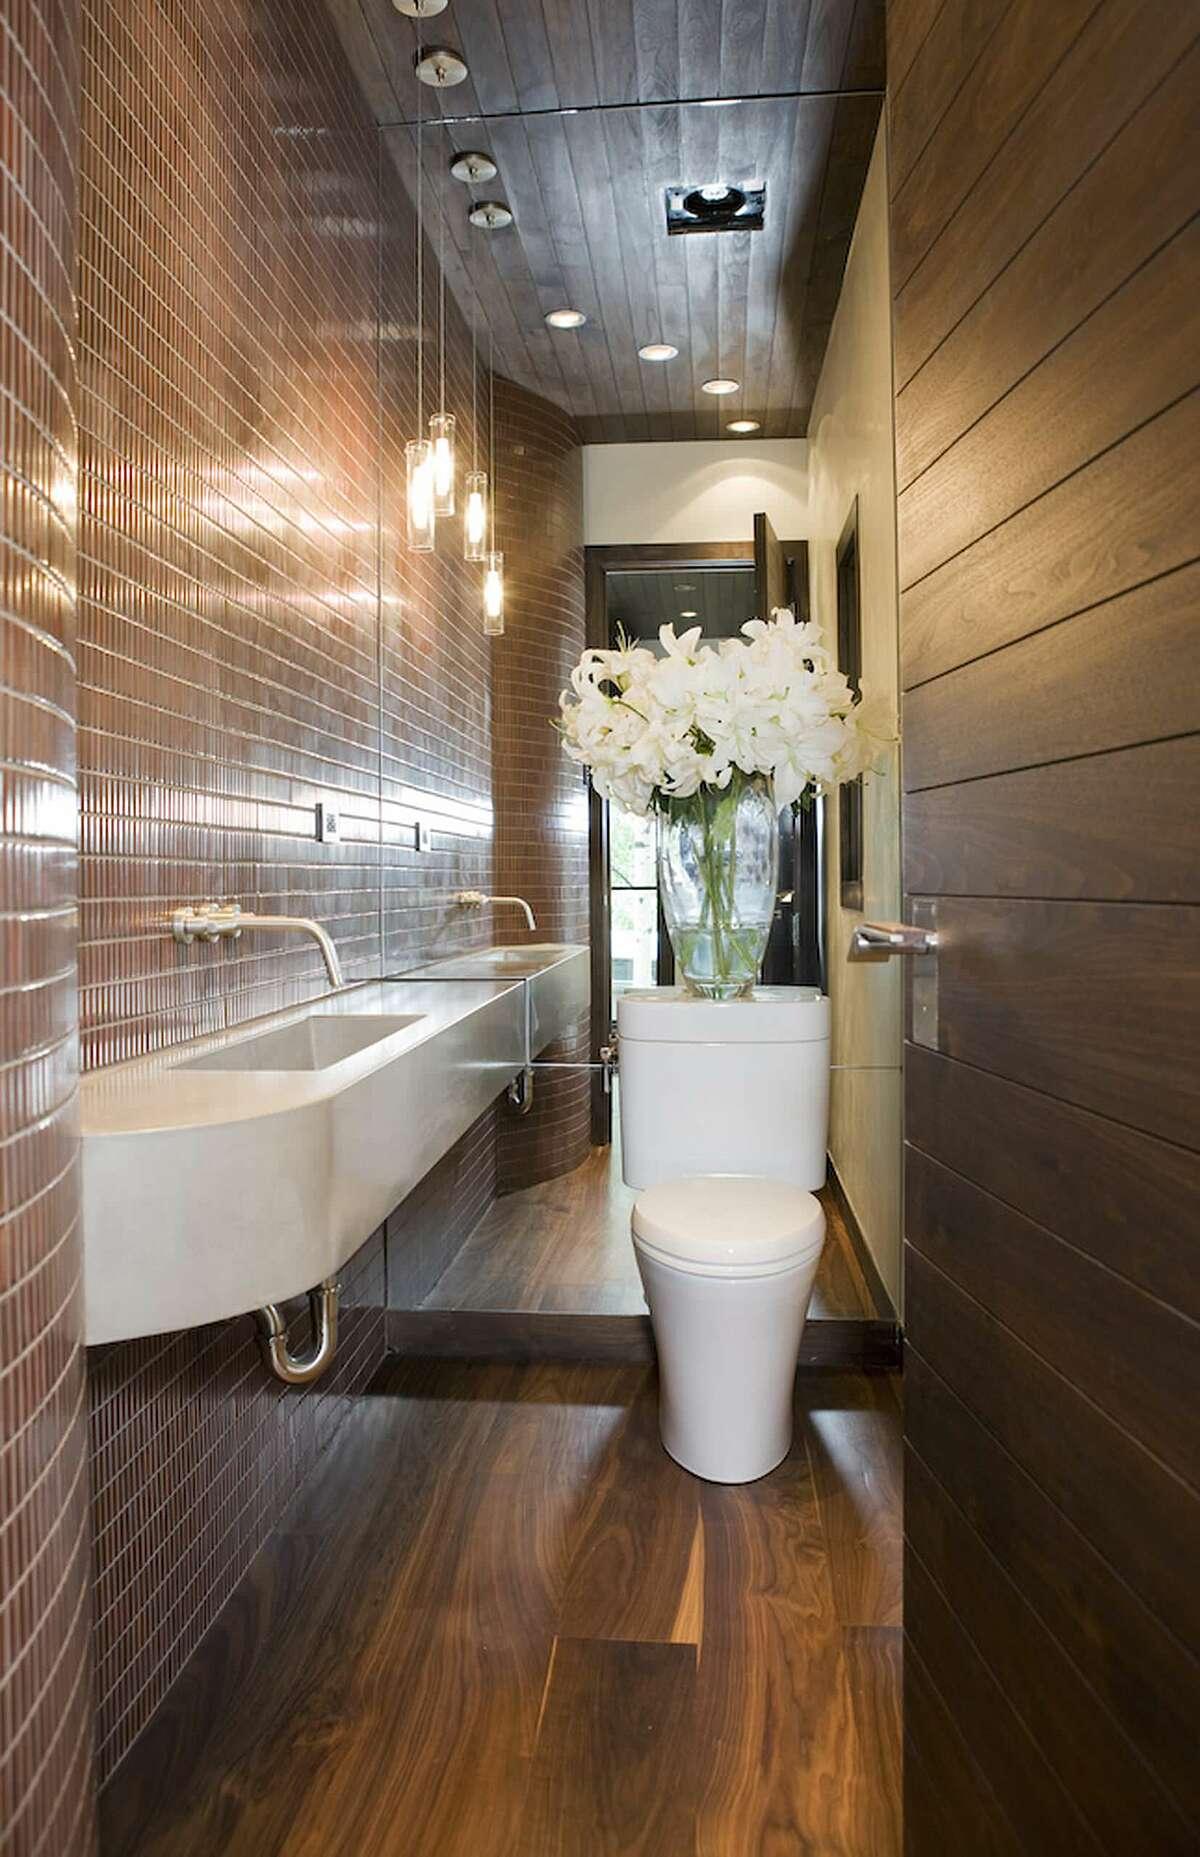 Sử dụng vòi gắn tường: Với loại vòng này, chủ nhà có thể sử dụng bồn rửa nhỏ, hẹp hơn, từ đó, giúp không gian phòng tắm rộng rãi hơn.